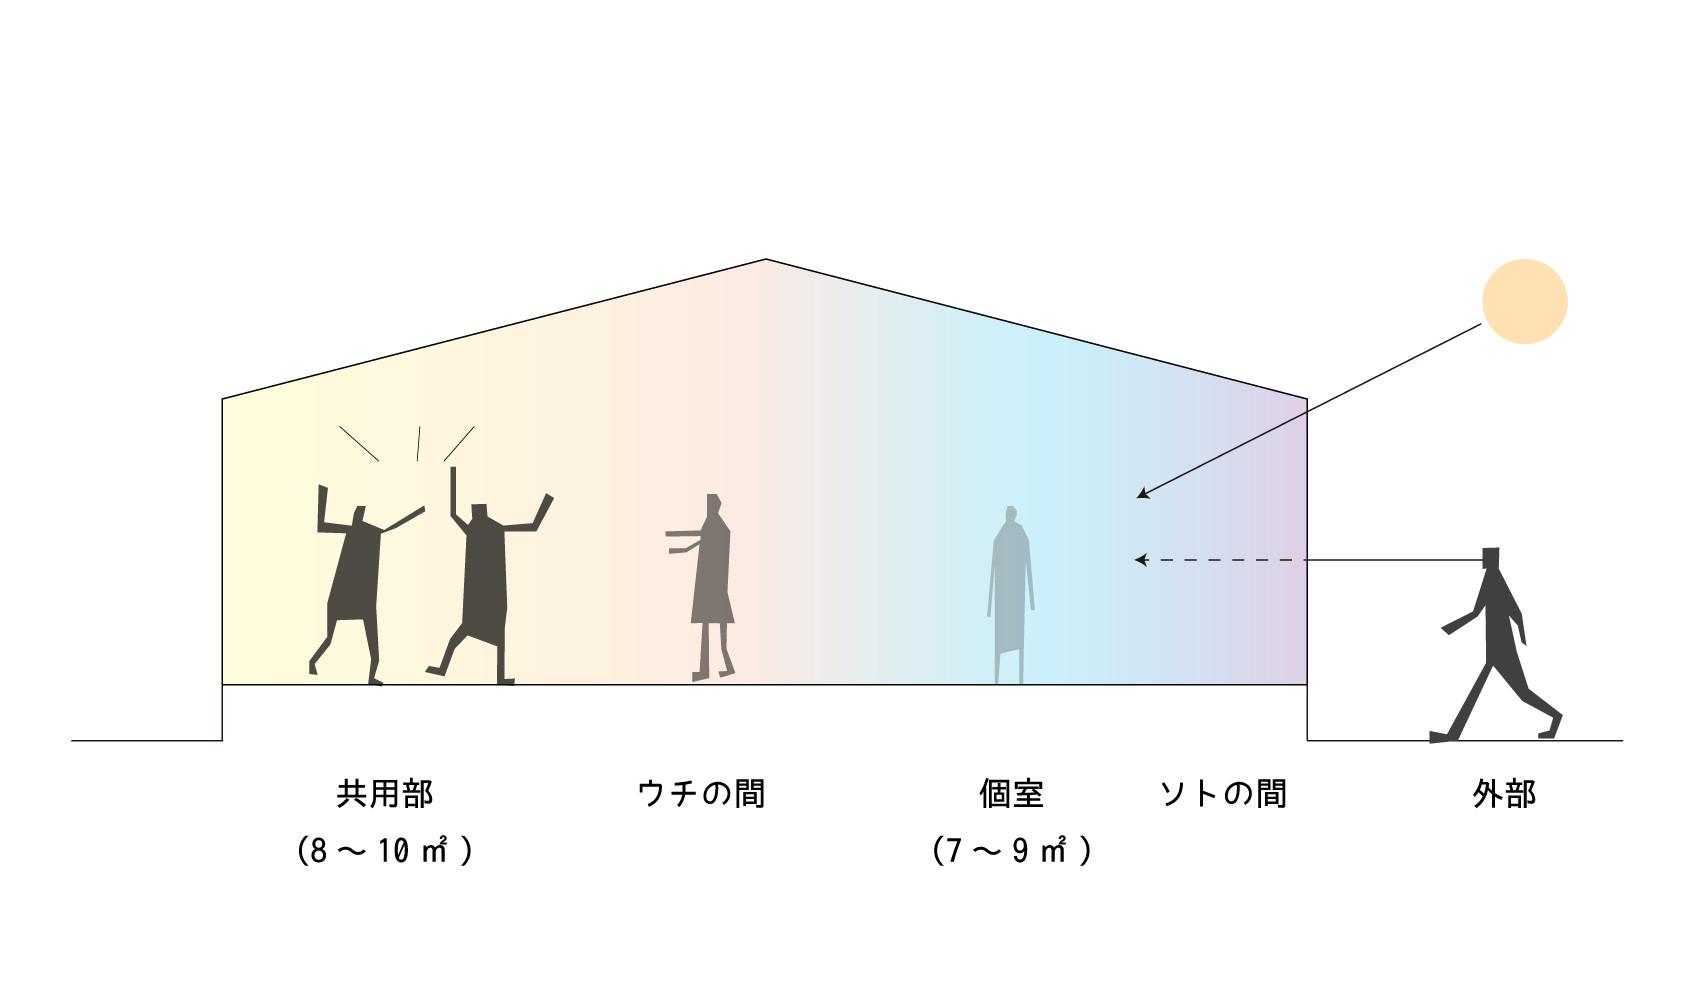 高巣文里_05.jpg